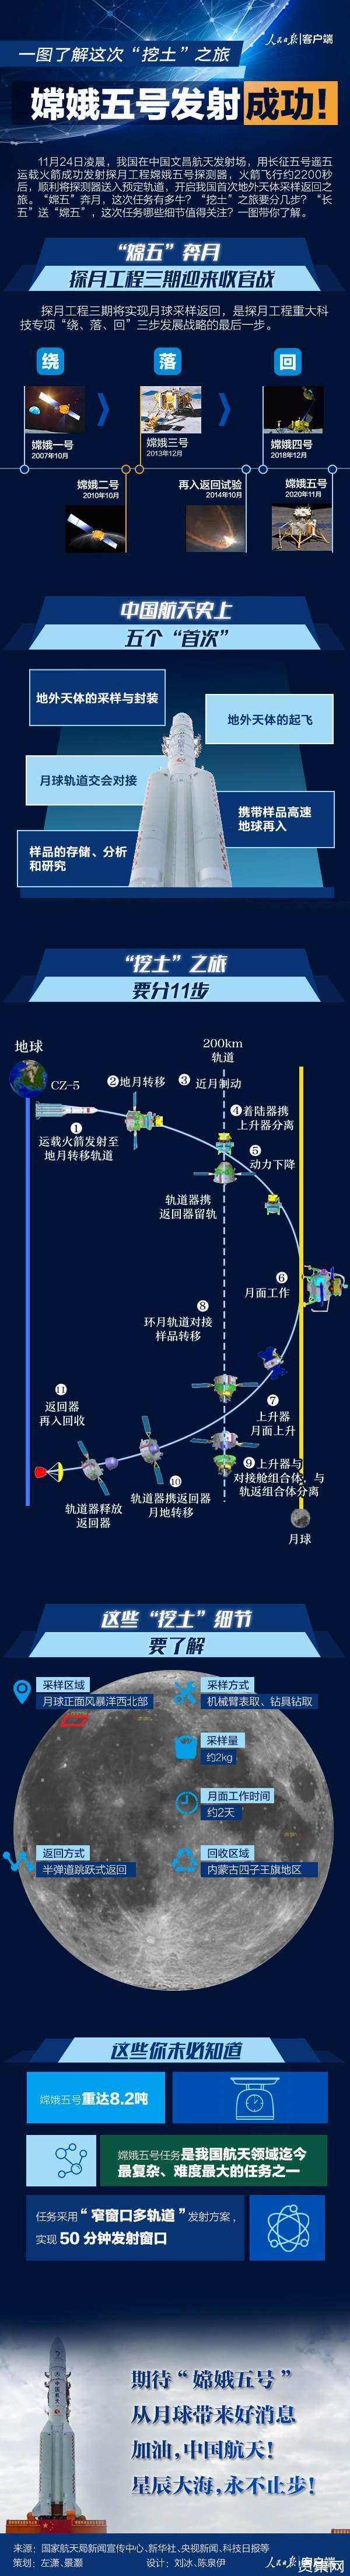 嫦娥五号月球样品科研工作正式启动,嫦娥五号计划采取多少月球土壤